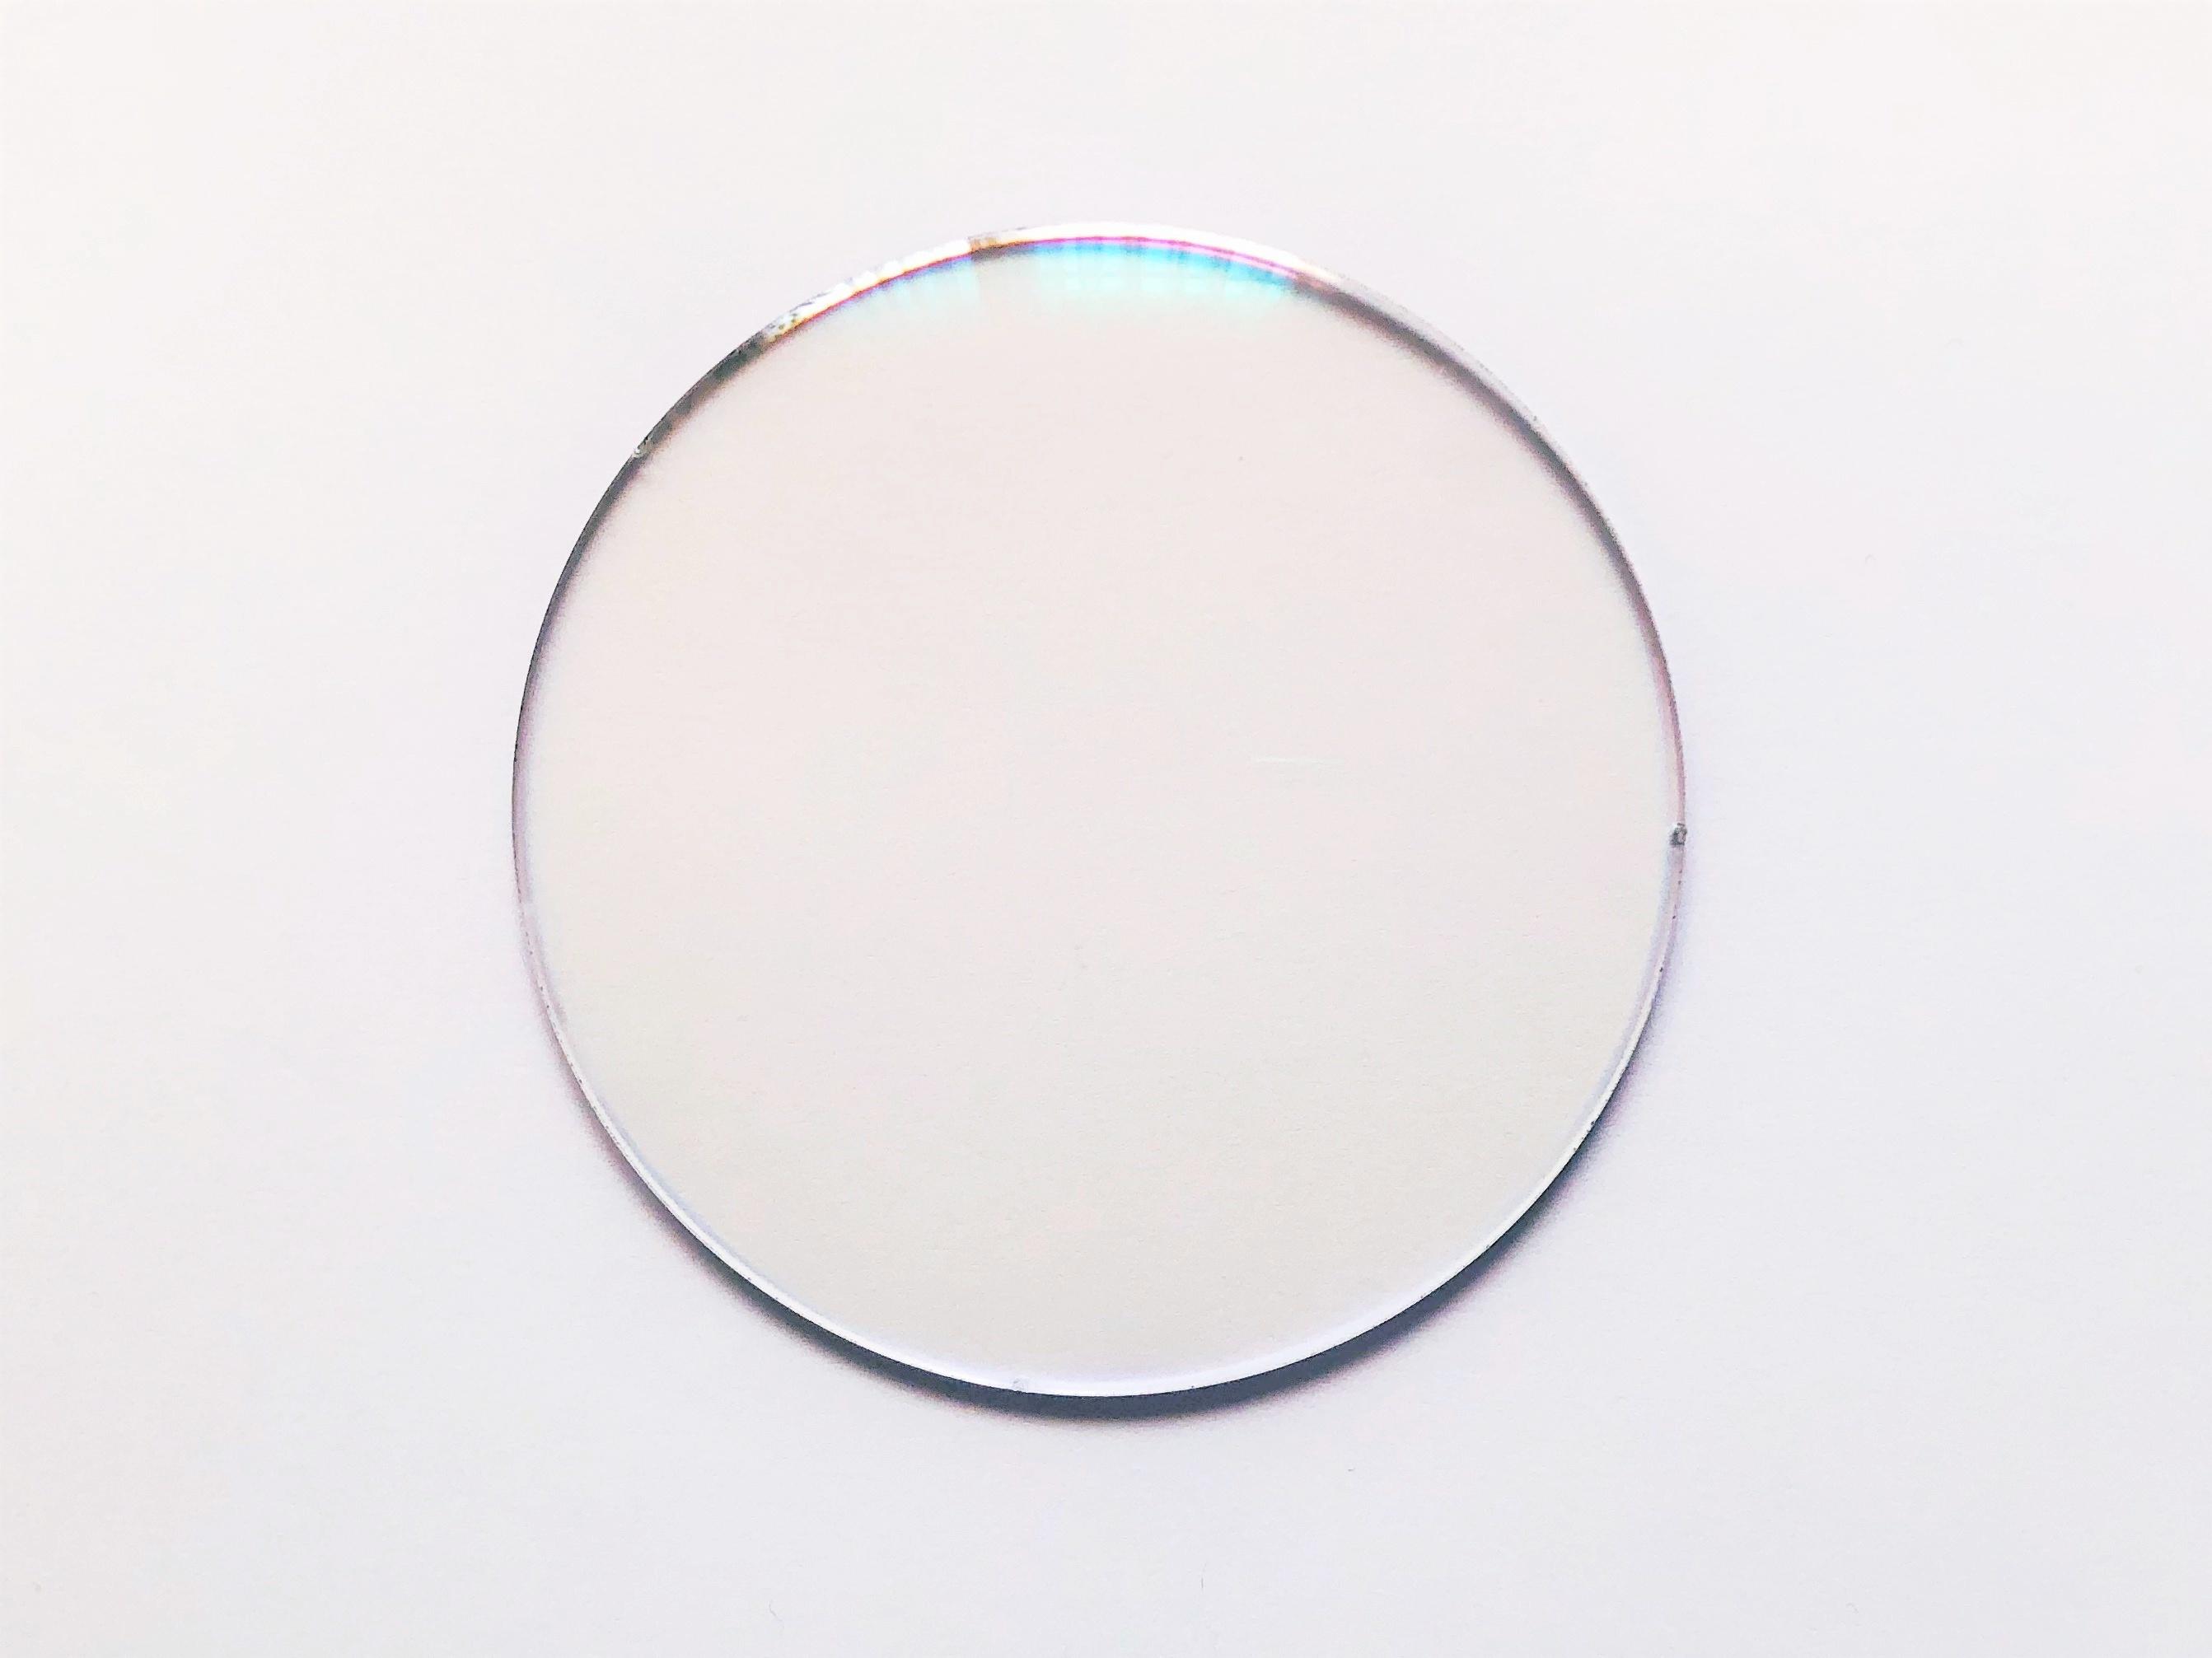 TYPE2 レンズ: UV CAREクリアレンズ(度無し:ブルーライトカットUV420)